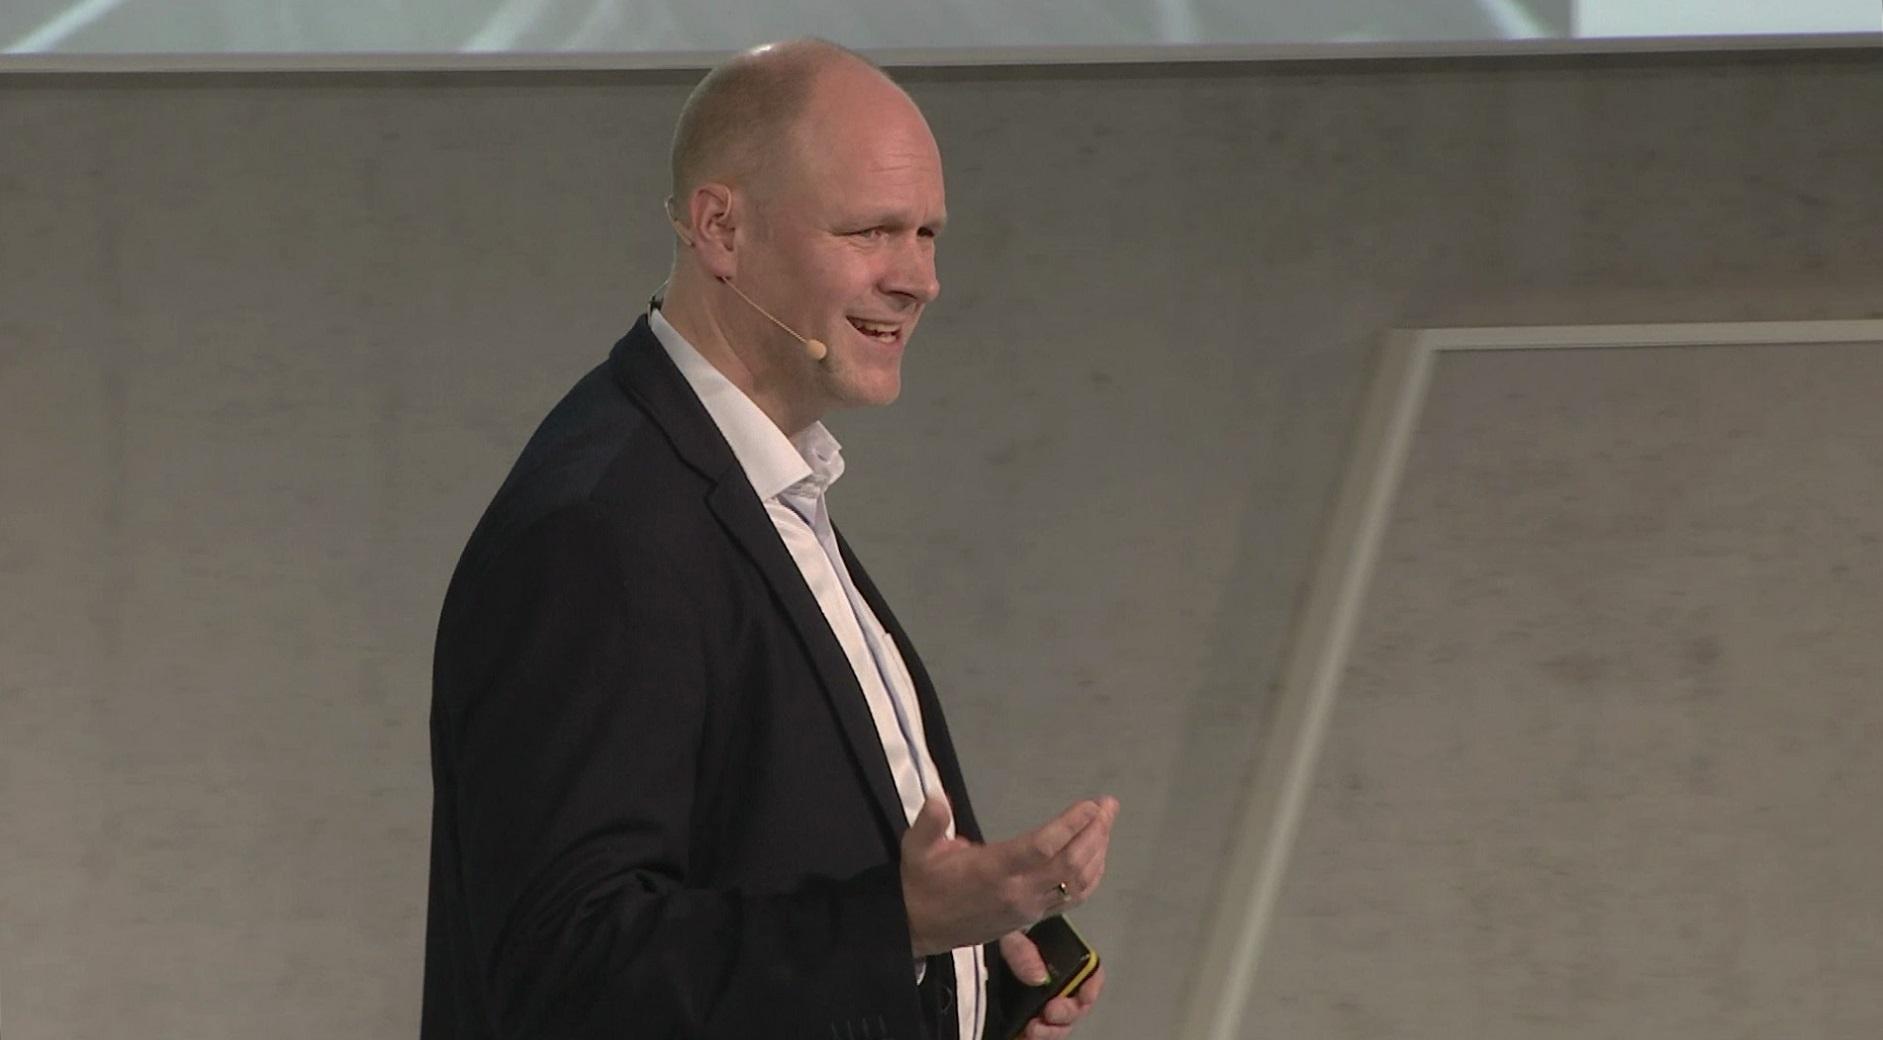 Konsequent führen im Unternehmen- Leadership Experte Dr. Holger Schmitz